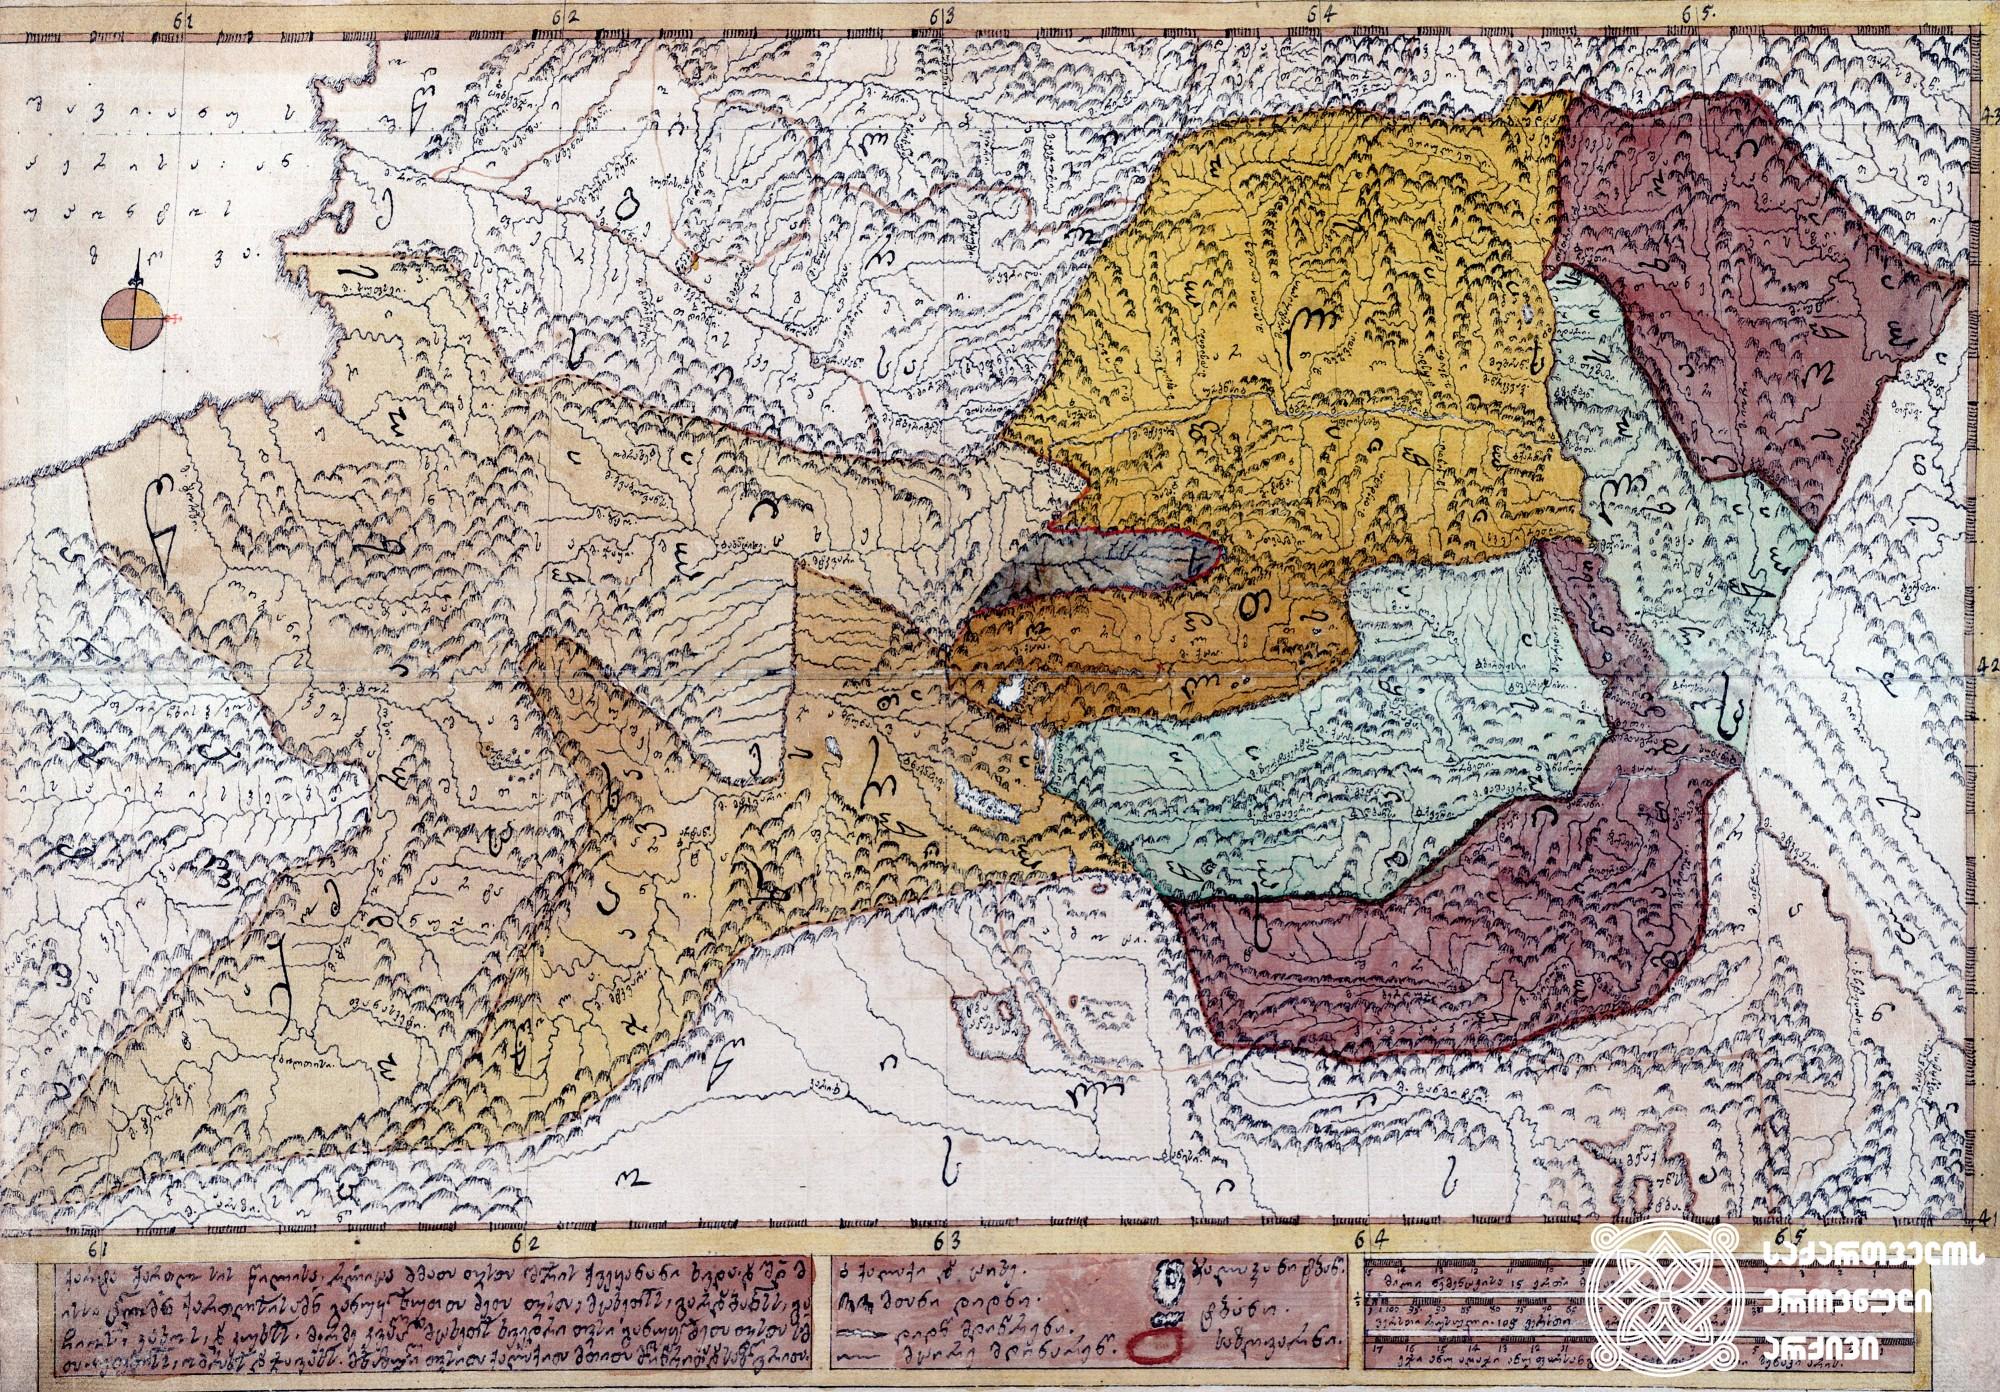 """ვახუშტის ატლასი <br> ქართლოსის ქვეყნის რუკა <br> Atlas of Vakhushti <br> The map of country of Kartlos <br> """"ქარტა ქართლოსის წილისა რომელიცა ძმათა თვისთა შორის ქვეყანანი ხვდა და შემდგომად მისსა ცოლმან ქართლისოსამან განუყო ხუთთა ძეთა თვისთა, მცხეთოსს, გარდაბანოსს, გაჩიოს, კახოს, და კუხოსს. მერმე კვალად მცხეთოსს ხვედრი თვისი განუყო ძეთა თვისთა სამთა, უფლოსს, ოძრახოს და ჯავახოს. მოხაზული თვისითა ქალაქითა, მთითა, მდინარითა და საზღვრითა""""."""